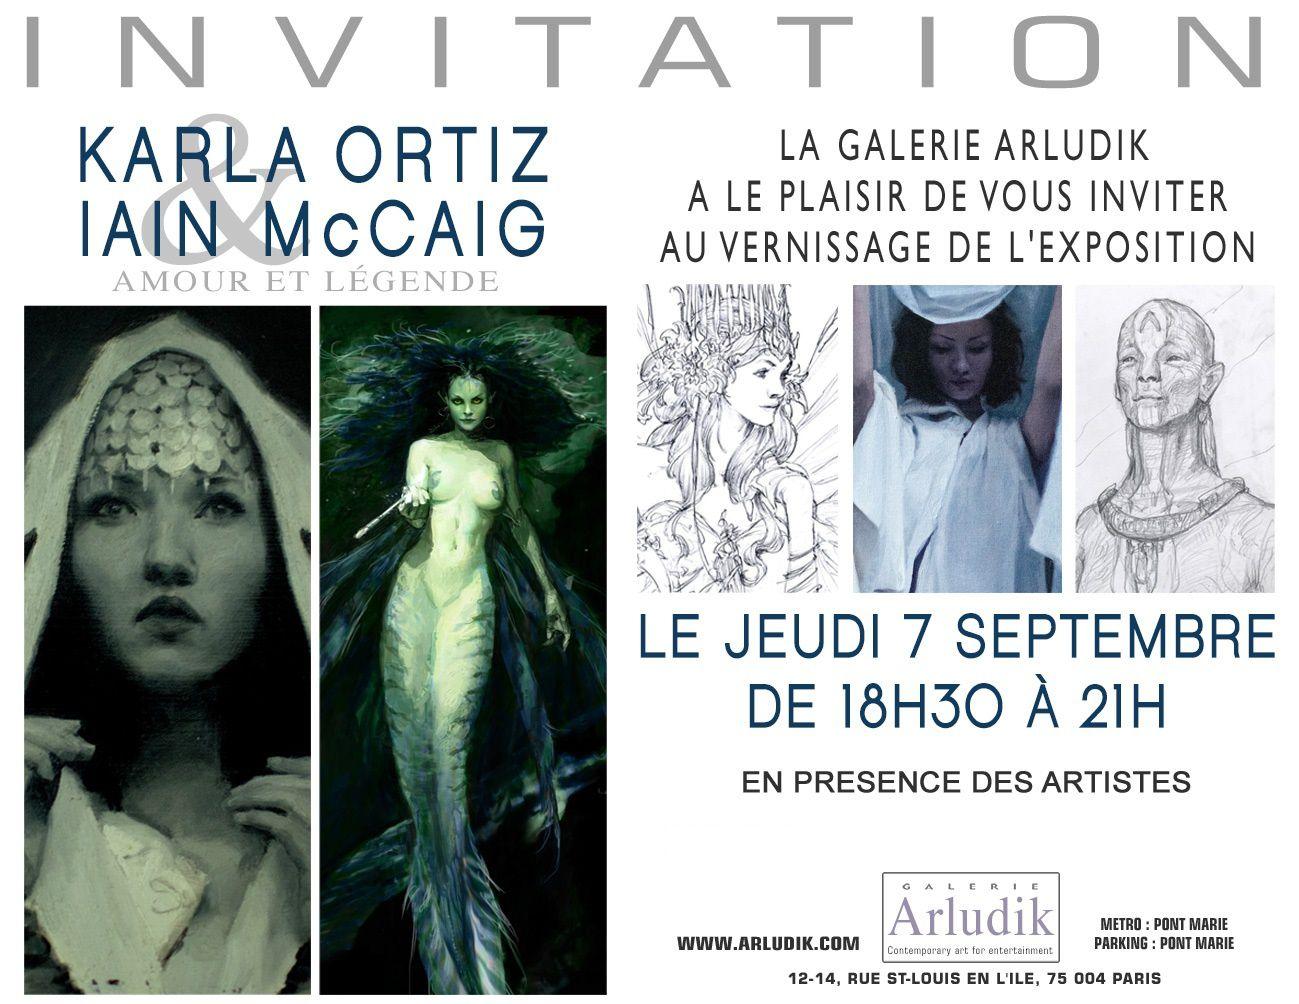 Exposition Karla Ortiz Iain McCaig